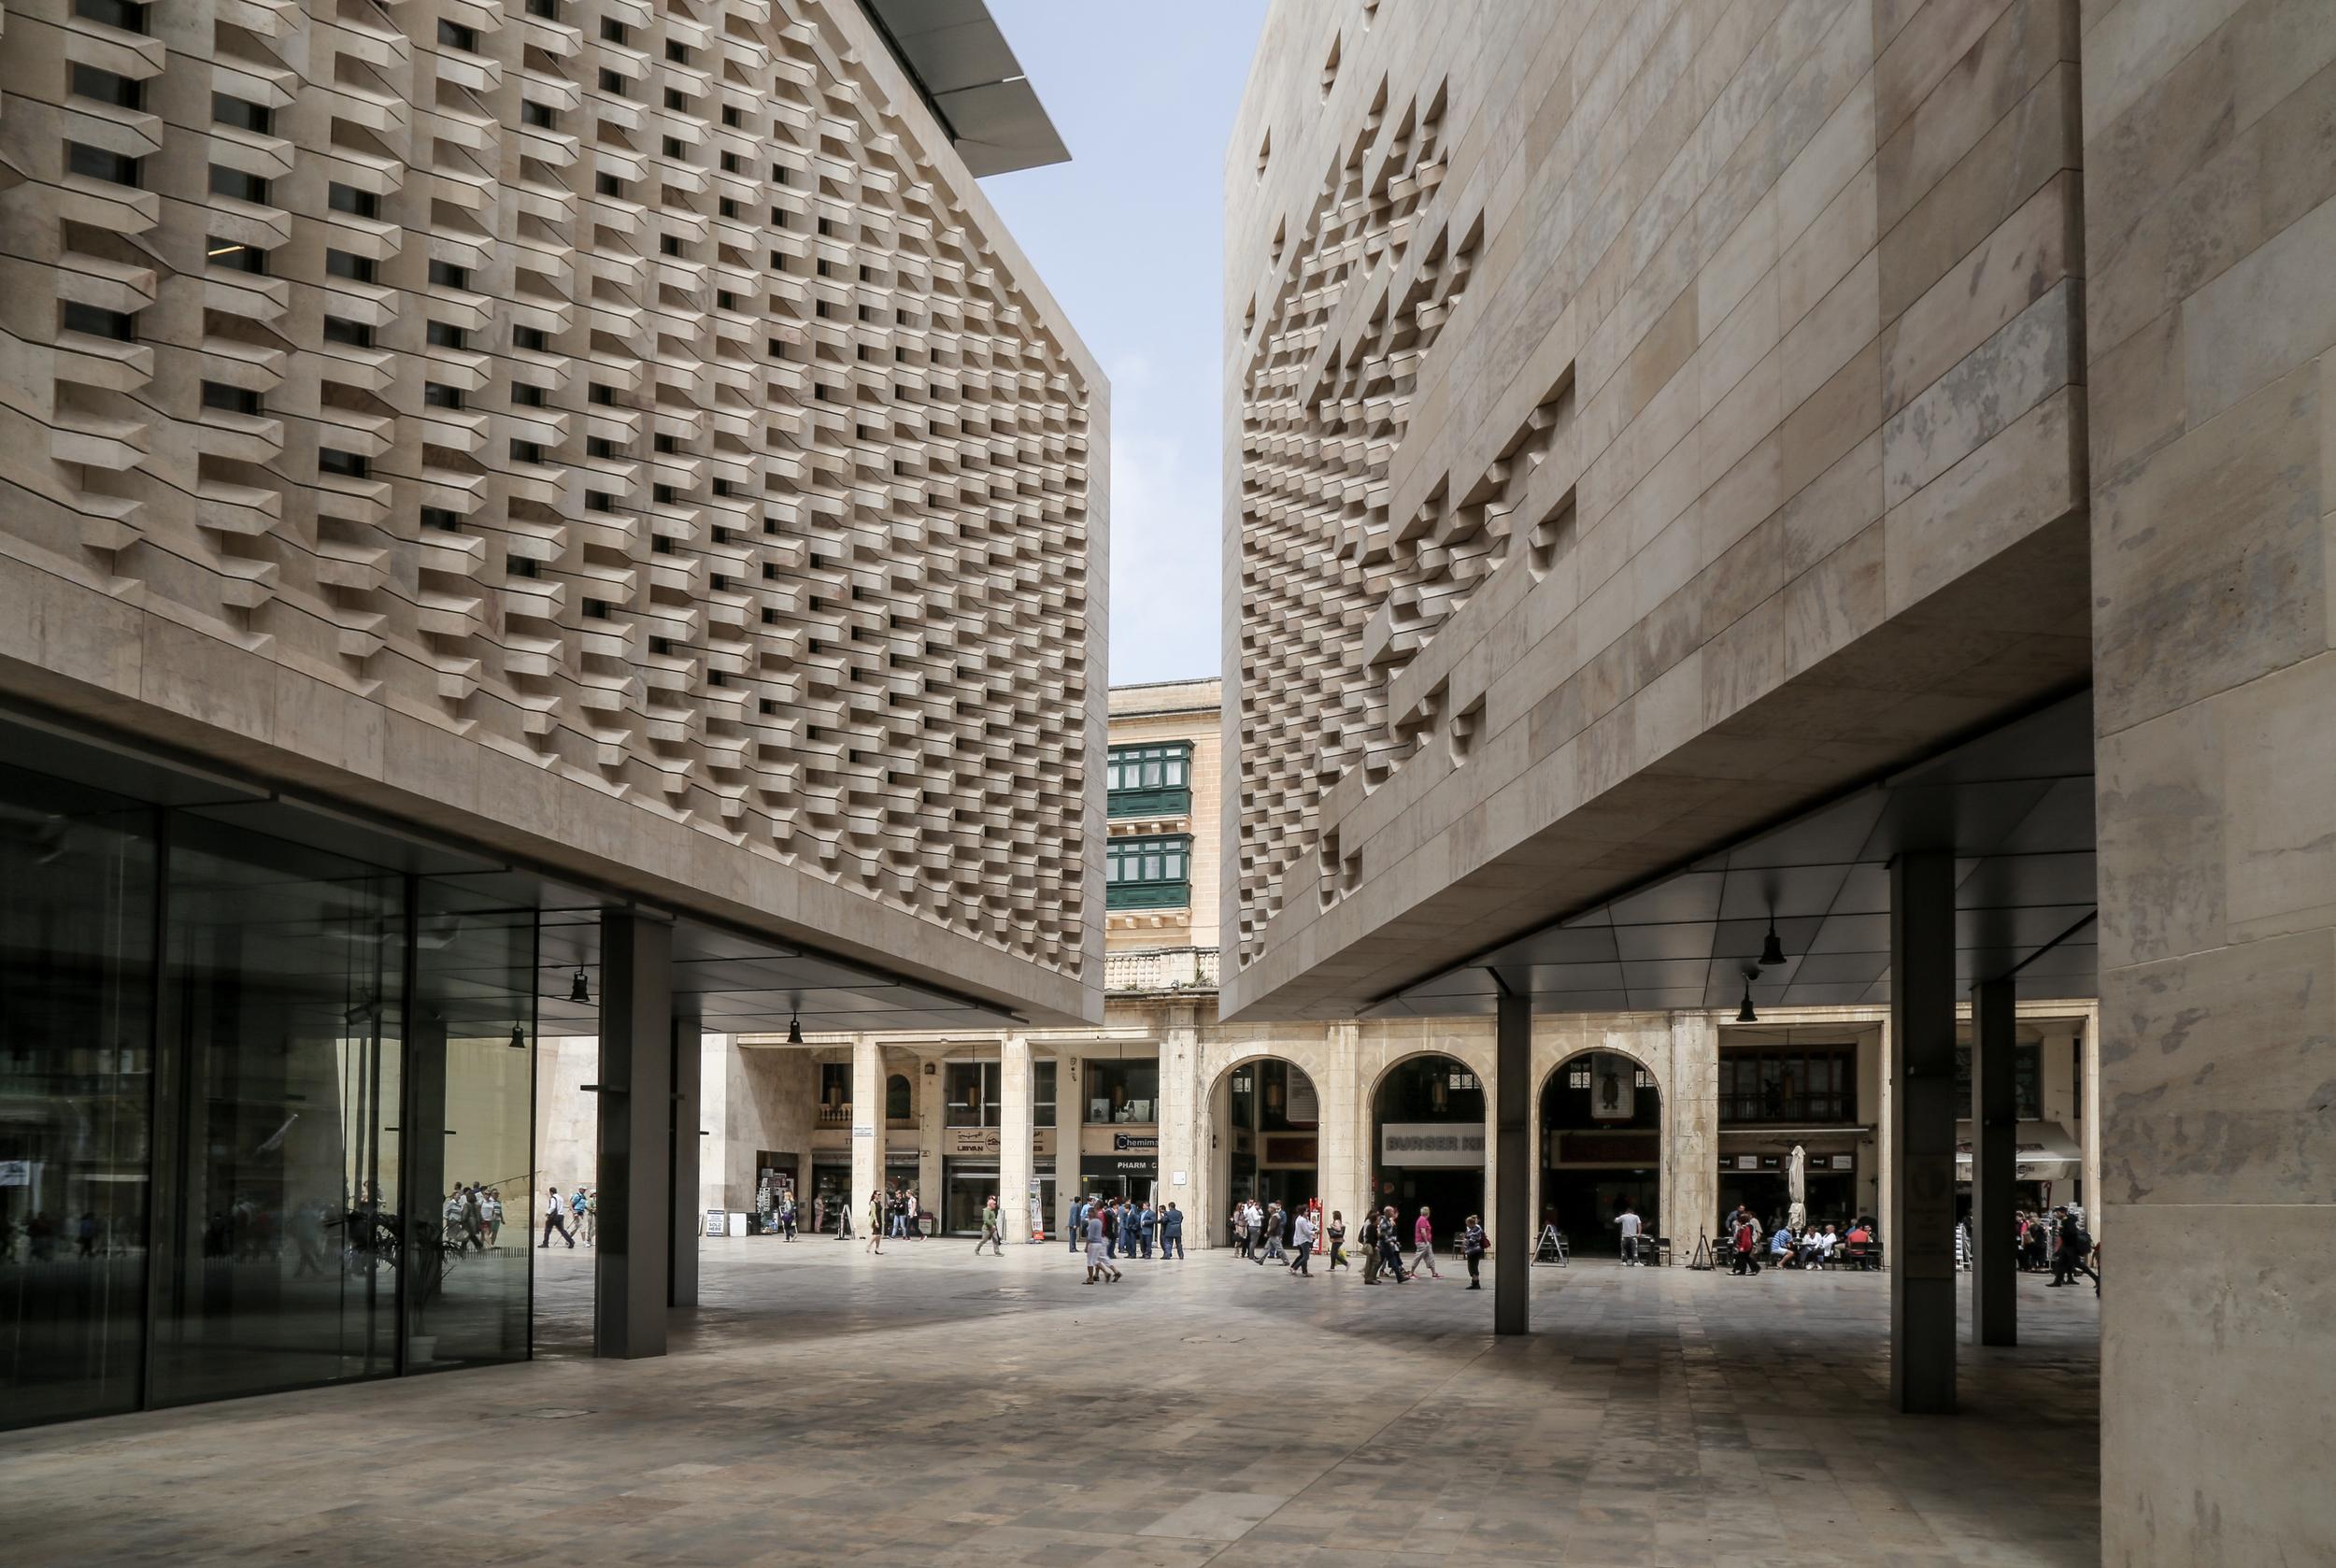 Parliament House at City Gate - Valletta, Malta - Renzo Piano